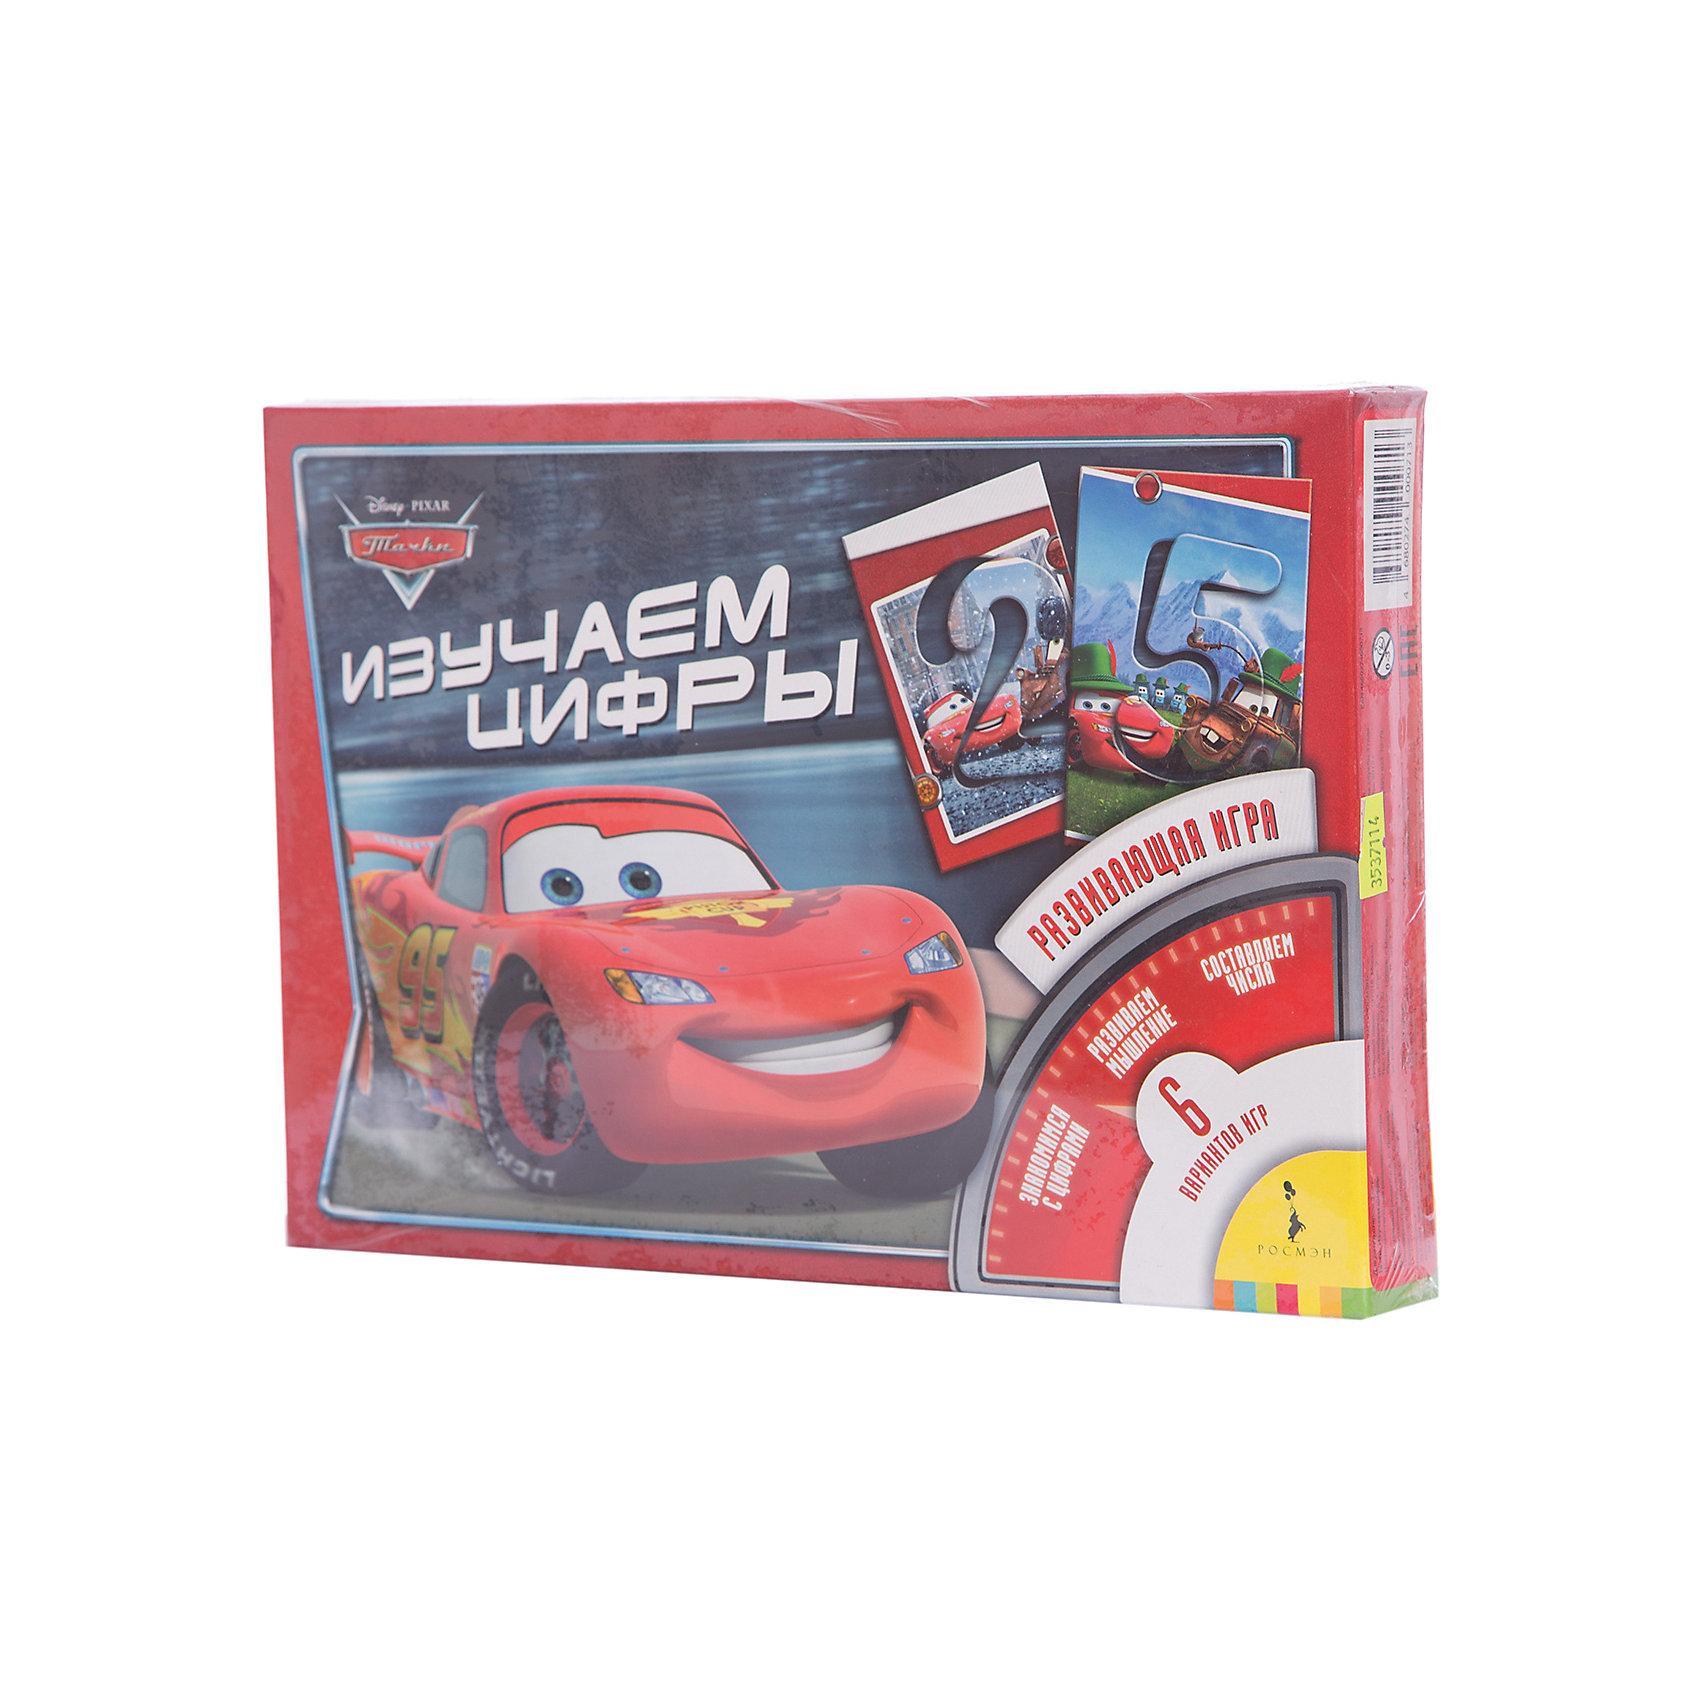 Игра Изучаем цифры, ТачкиРазвивающие игры<br>Игра Изучаем цифры, Тачки (Cars) – это обучающая настольная игра для детей, где с помощью красочных карточек с любимыми персонажами мультфильма «Тачки (Cars)» Ваш малыш сможет выучить цифры, научится их узнавать и считать до 9. Кроме того, карточки можно использовать как трафарет. Игра «Изучаем цифры» поможет ребёнку развить знания об окружающем мире, мышление, внимание и мелкую моторику. <br><br>Дополнительная информация:<br><br>-Материал: картон<br>-Размеры с упаковкой: 28х19,5х2 см<br>-Вес с упаковкой: 230 г<br><br>Настольная игра «Изучаем цифры» - уникальная игрушка, которая неизменно будет радовать вашего ребенка, а также способствовать полноценному и гармоничному развитию его личности.<br><br>Игру Изучаем цифры, Тачки (Cars) можно купить в нашем магазине.<br><br>Ширина мм: 280<br>Глубина мм: 195<br>Высота мм: 200<br>Вес г: 230<br>Возраст от месяцев: 36<br>Возраст до месяцев: 84<br>Пол: Мужской<br>Возраст: Детский<br>SKU: 3537114